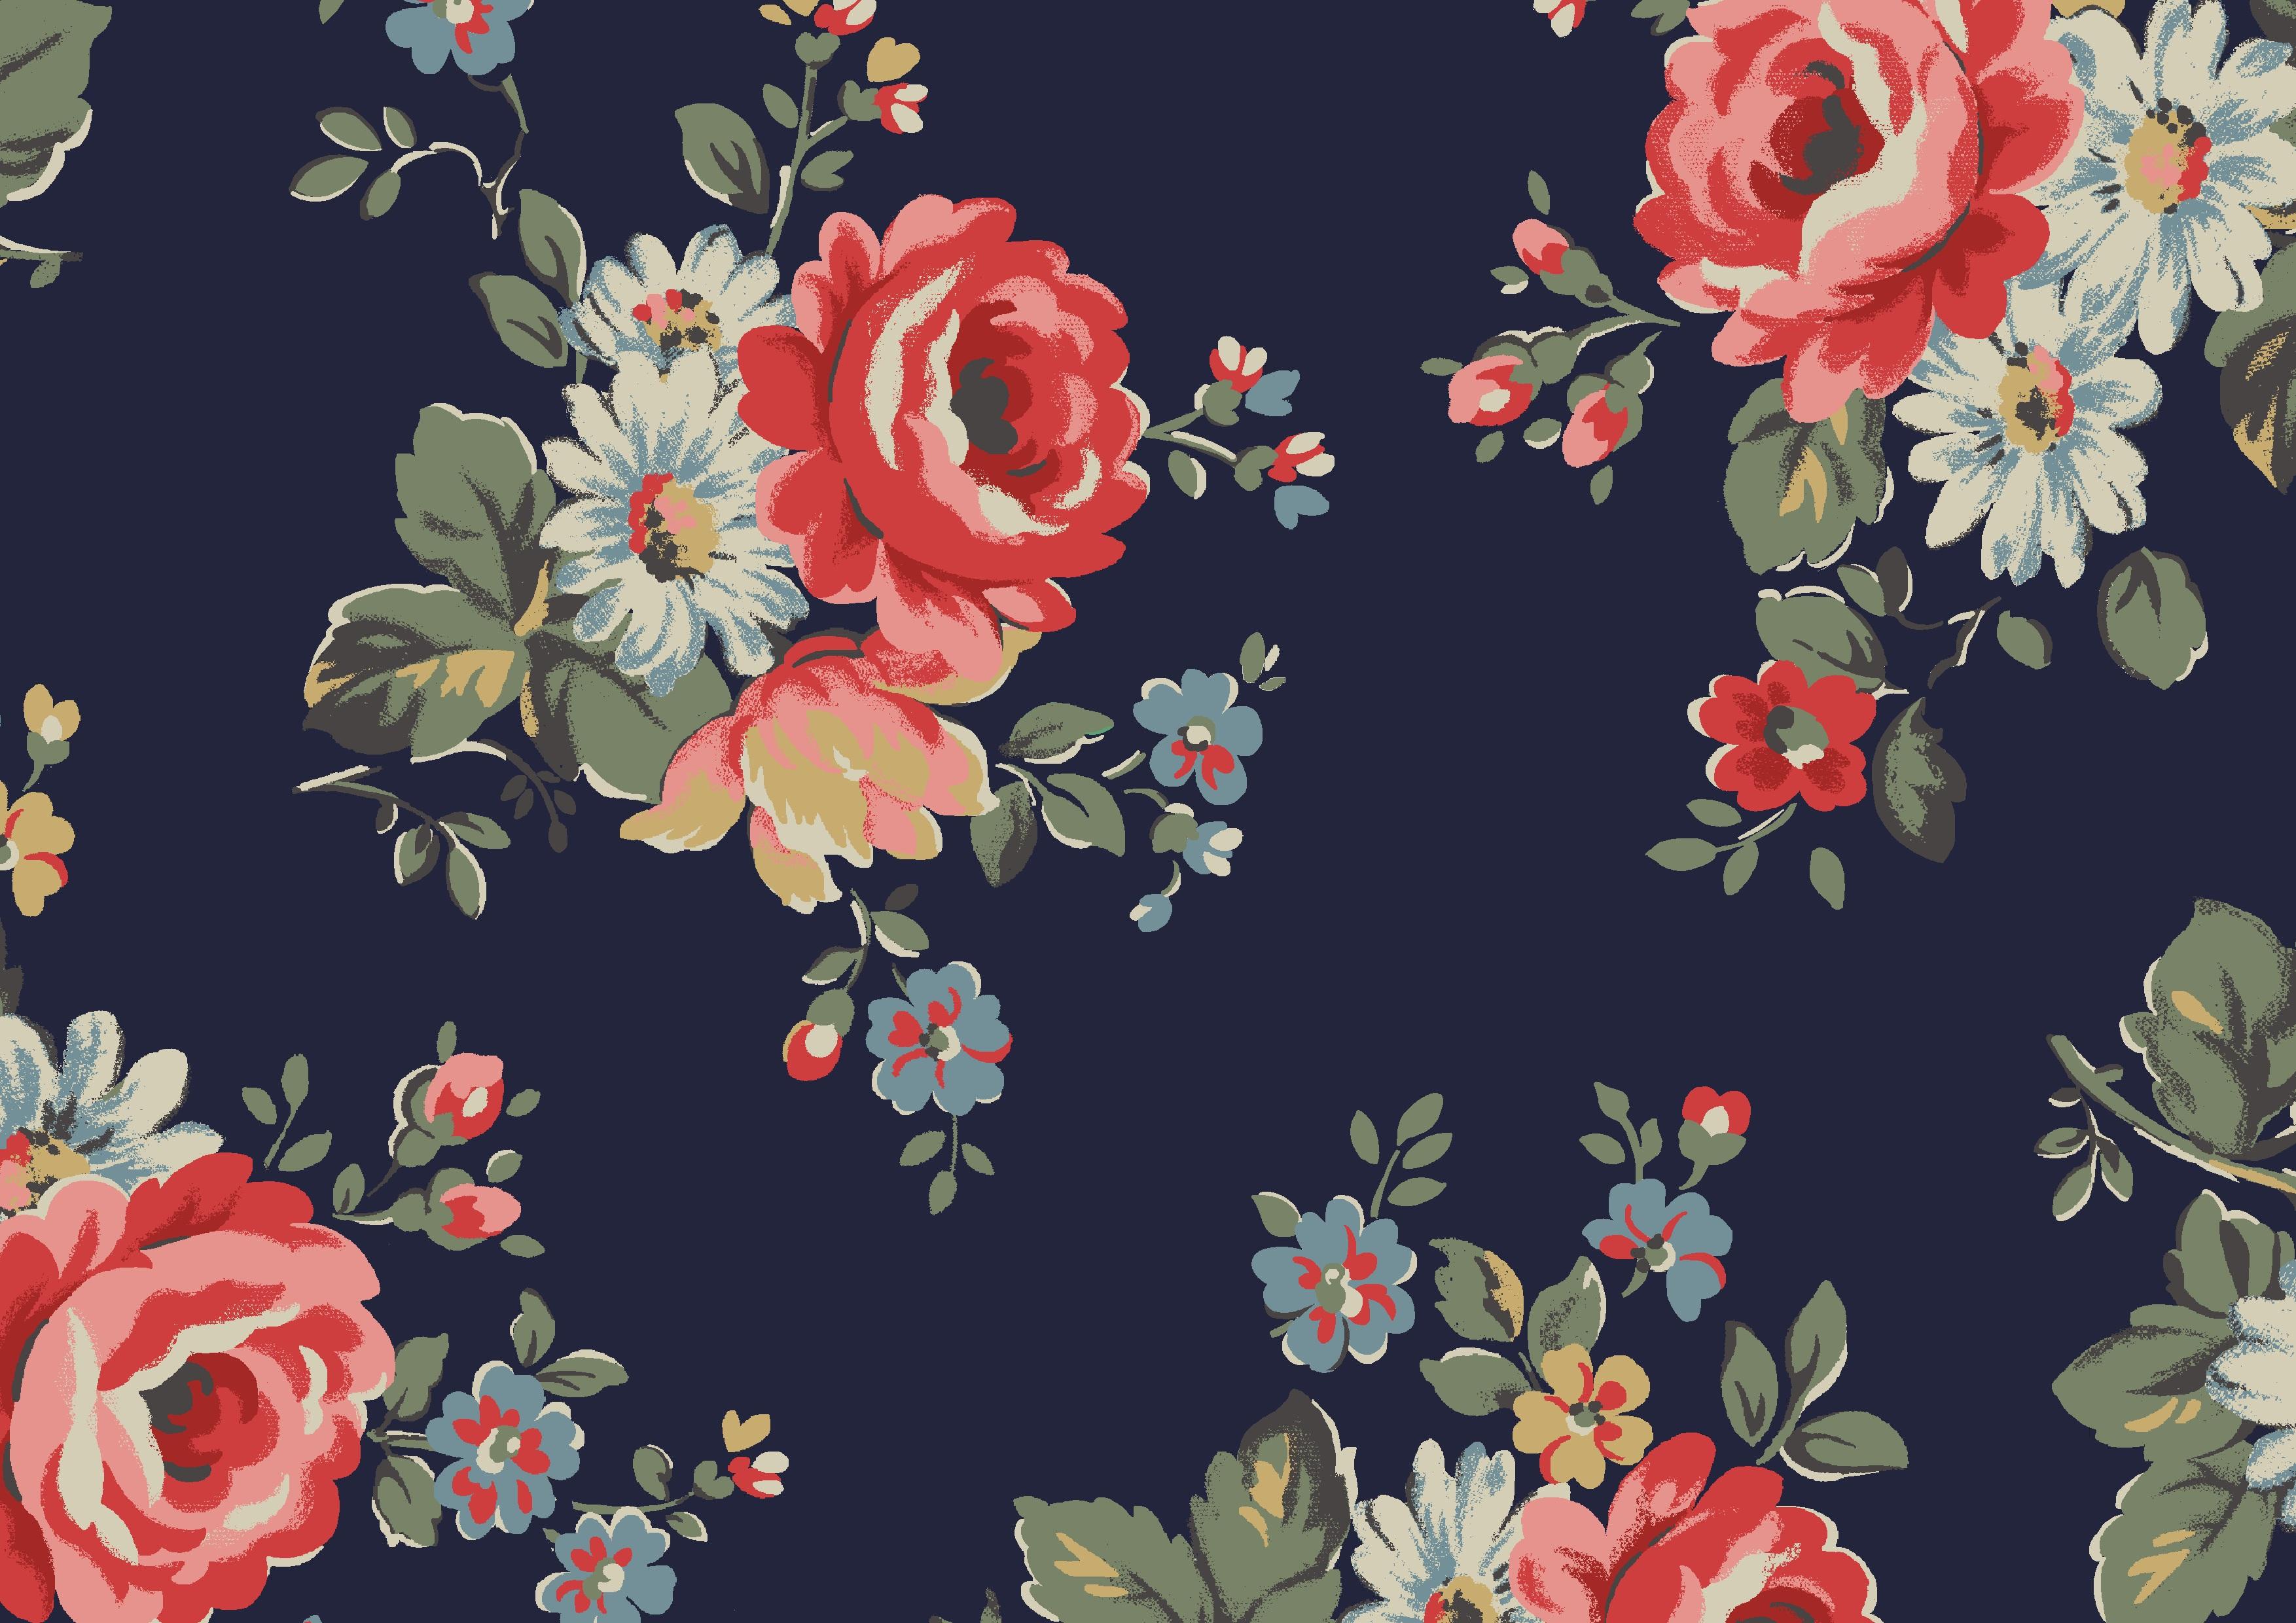 Cath Kidston Desktop Wallpaper - WallpaperSafari